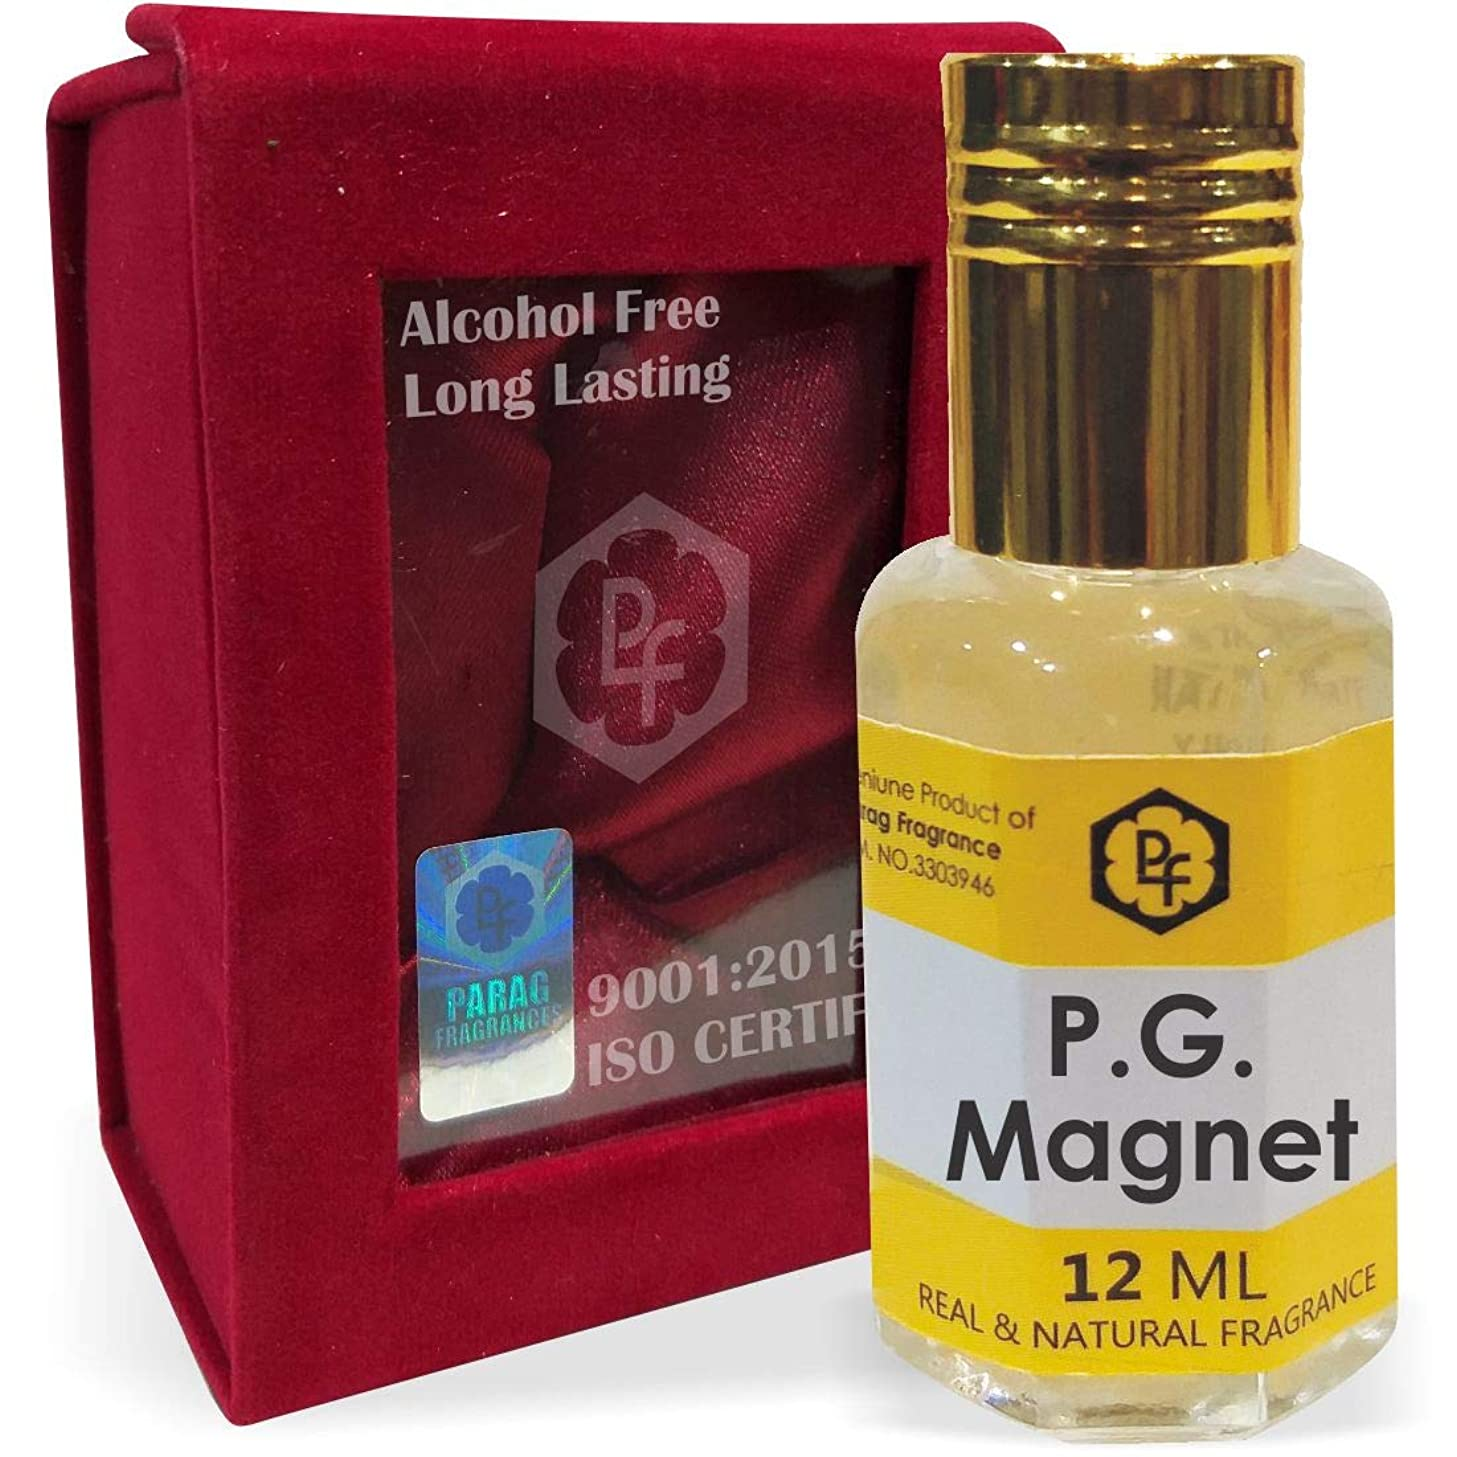 友情アクセル統計ParagフレグランスPGMagnet手作りベルベットボックス12ミリリットルアター/香水(インドの伝統的なBhapka処理方法により、インド製)オイル/フレグランスオイル|長持ちアターITRA最高の品質